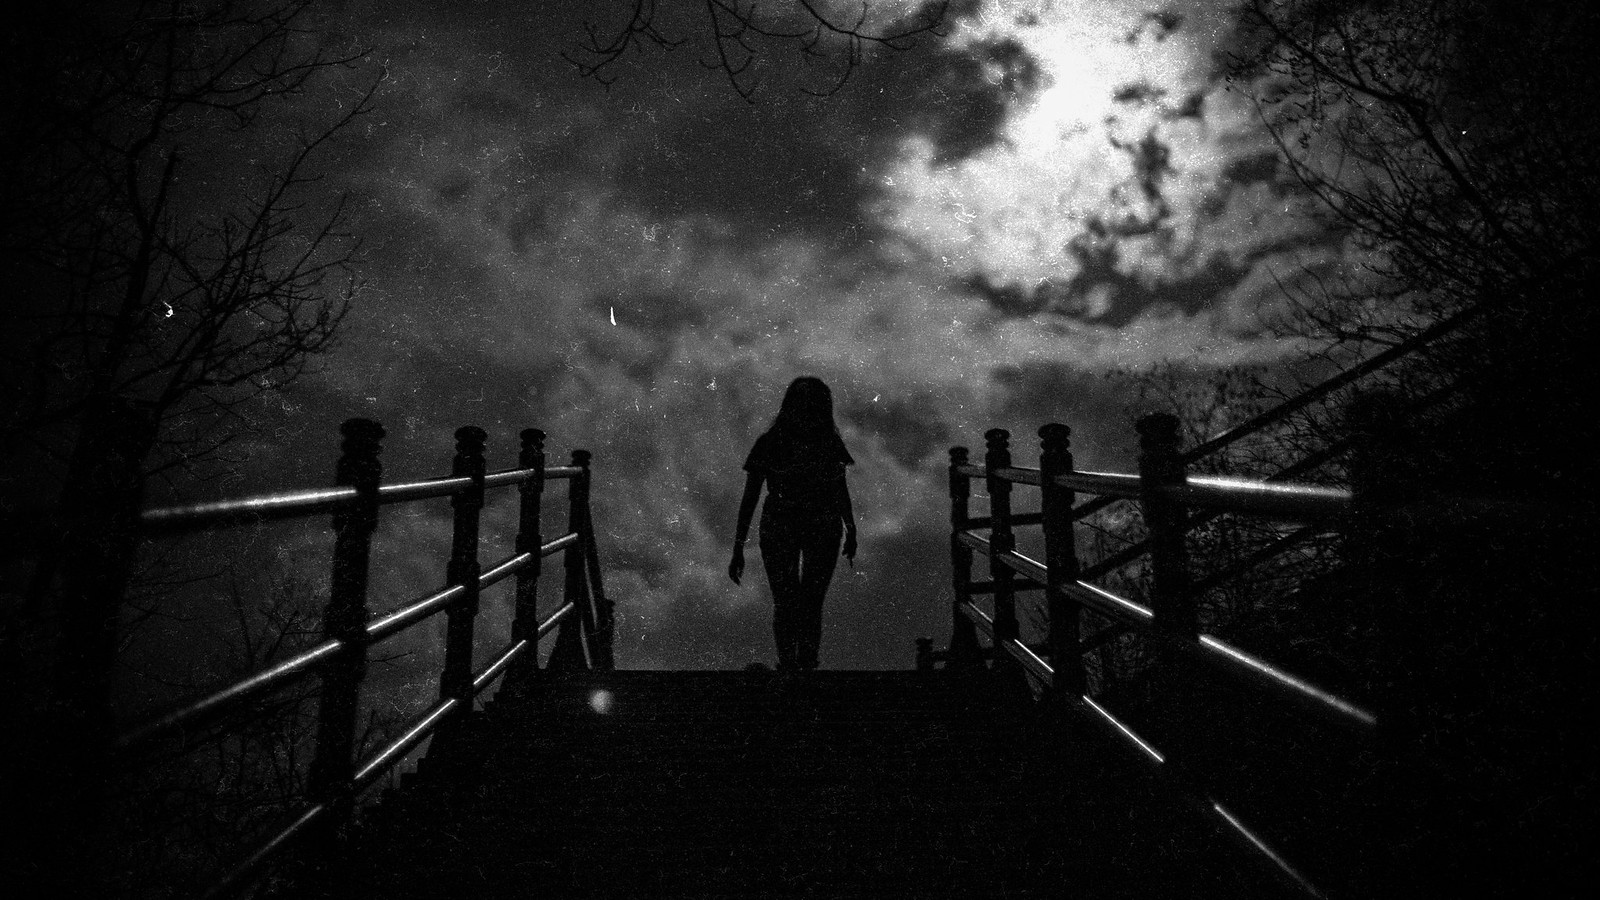 104/365 Night walk